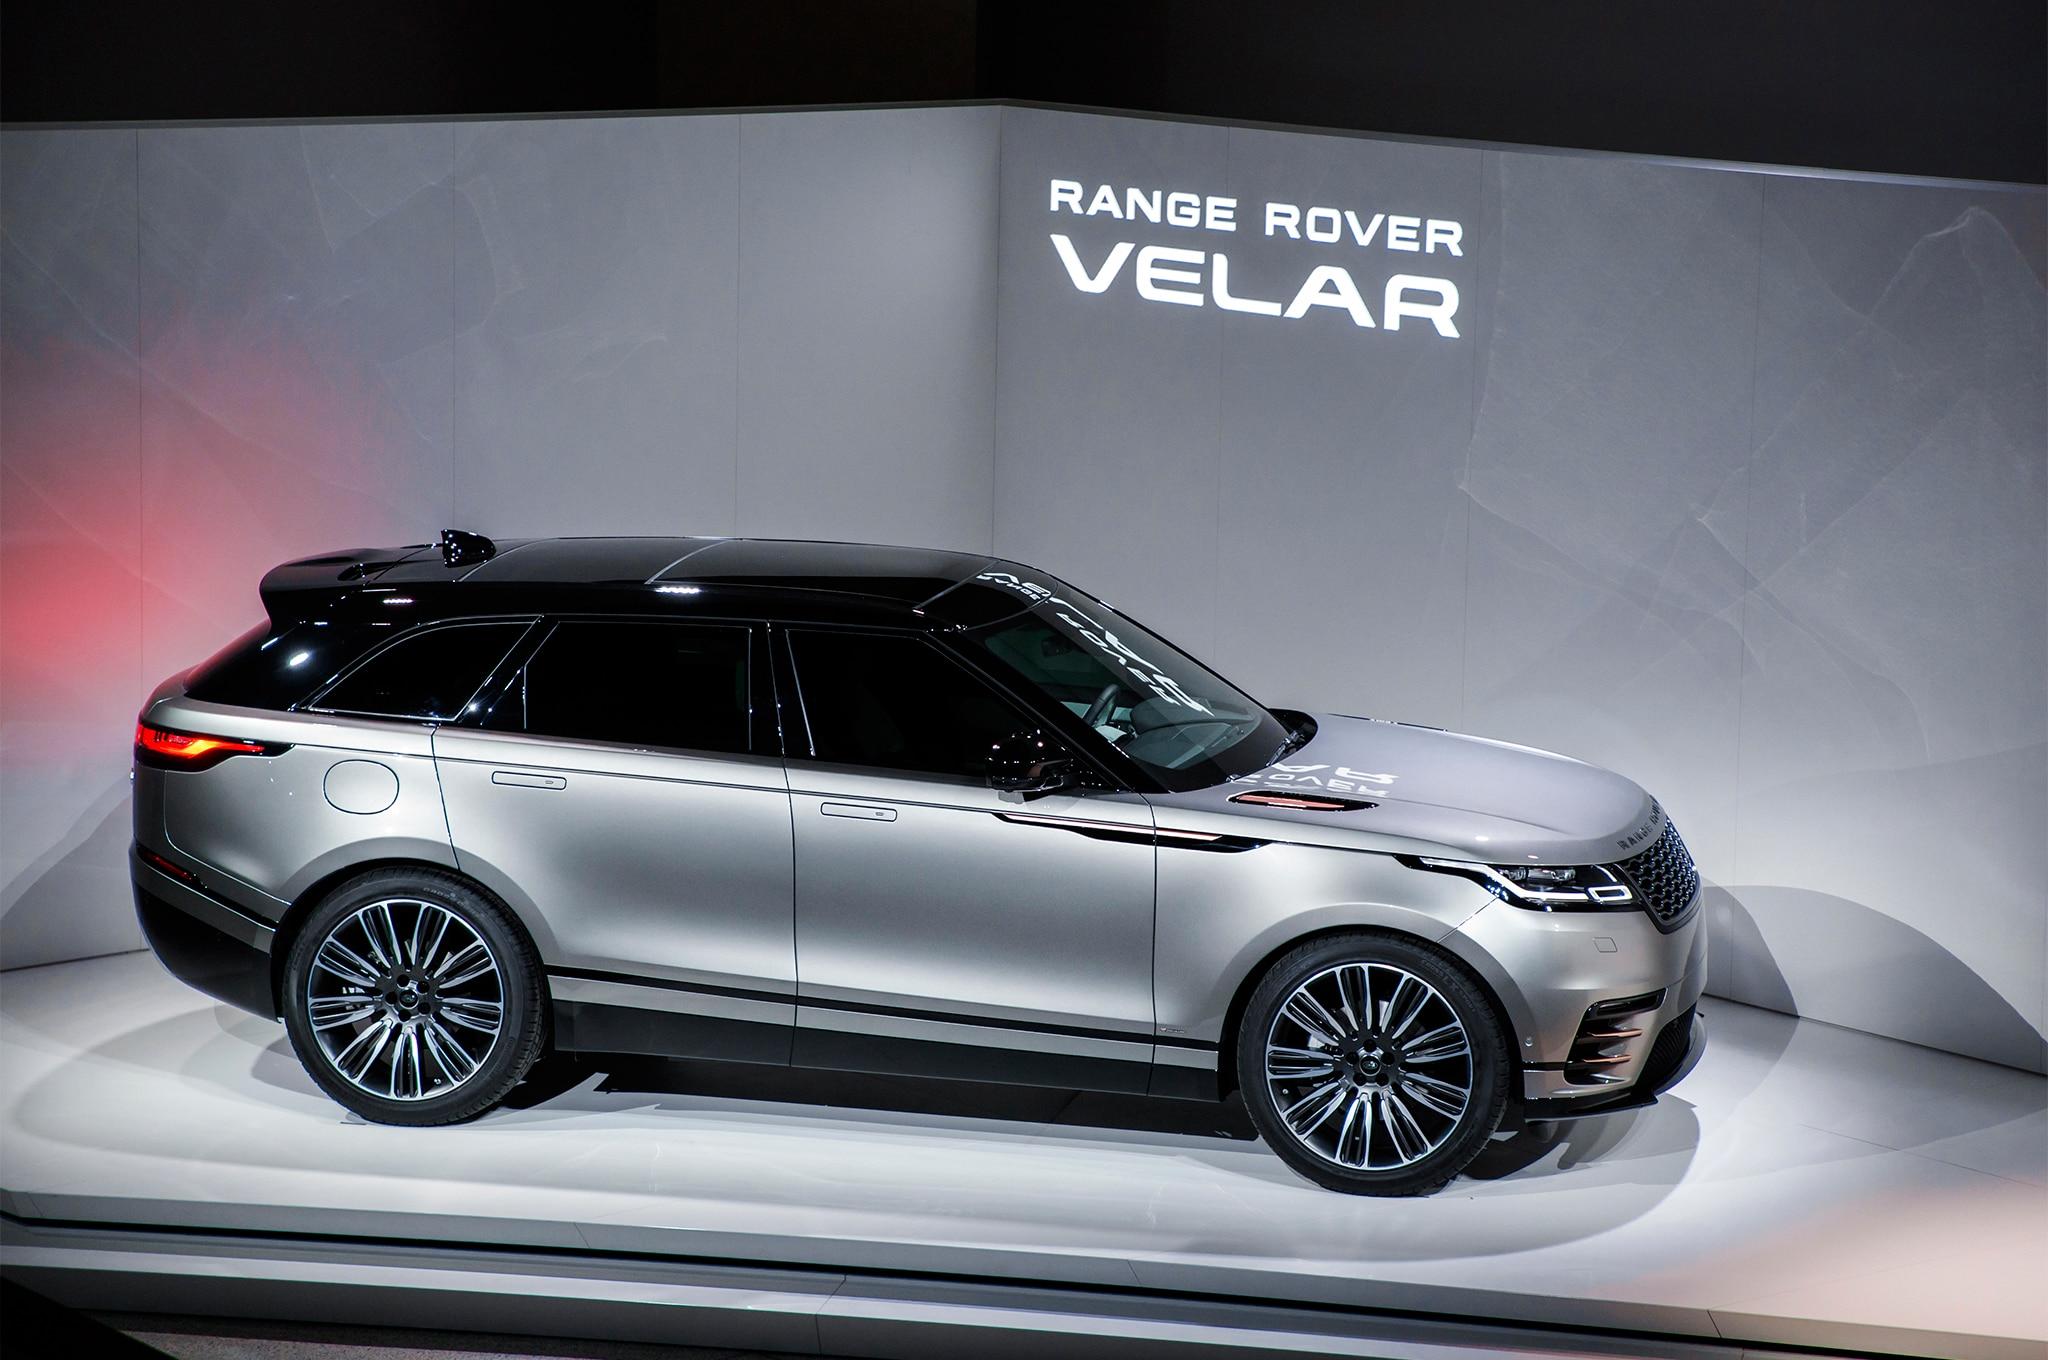 2018 Land Rover Range Rover Velar Side Profile 02